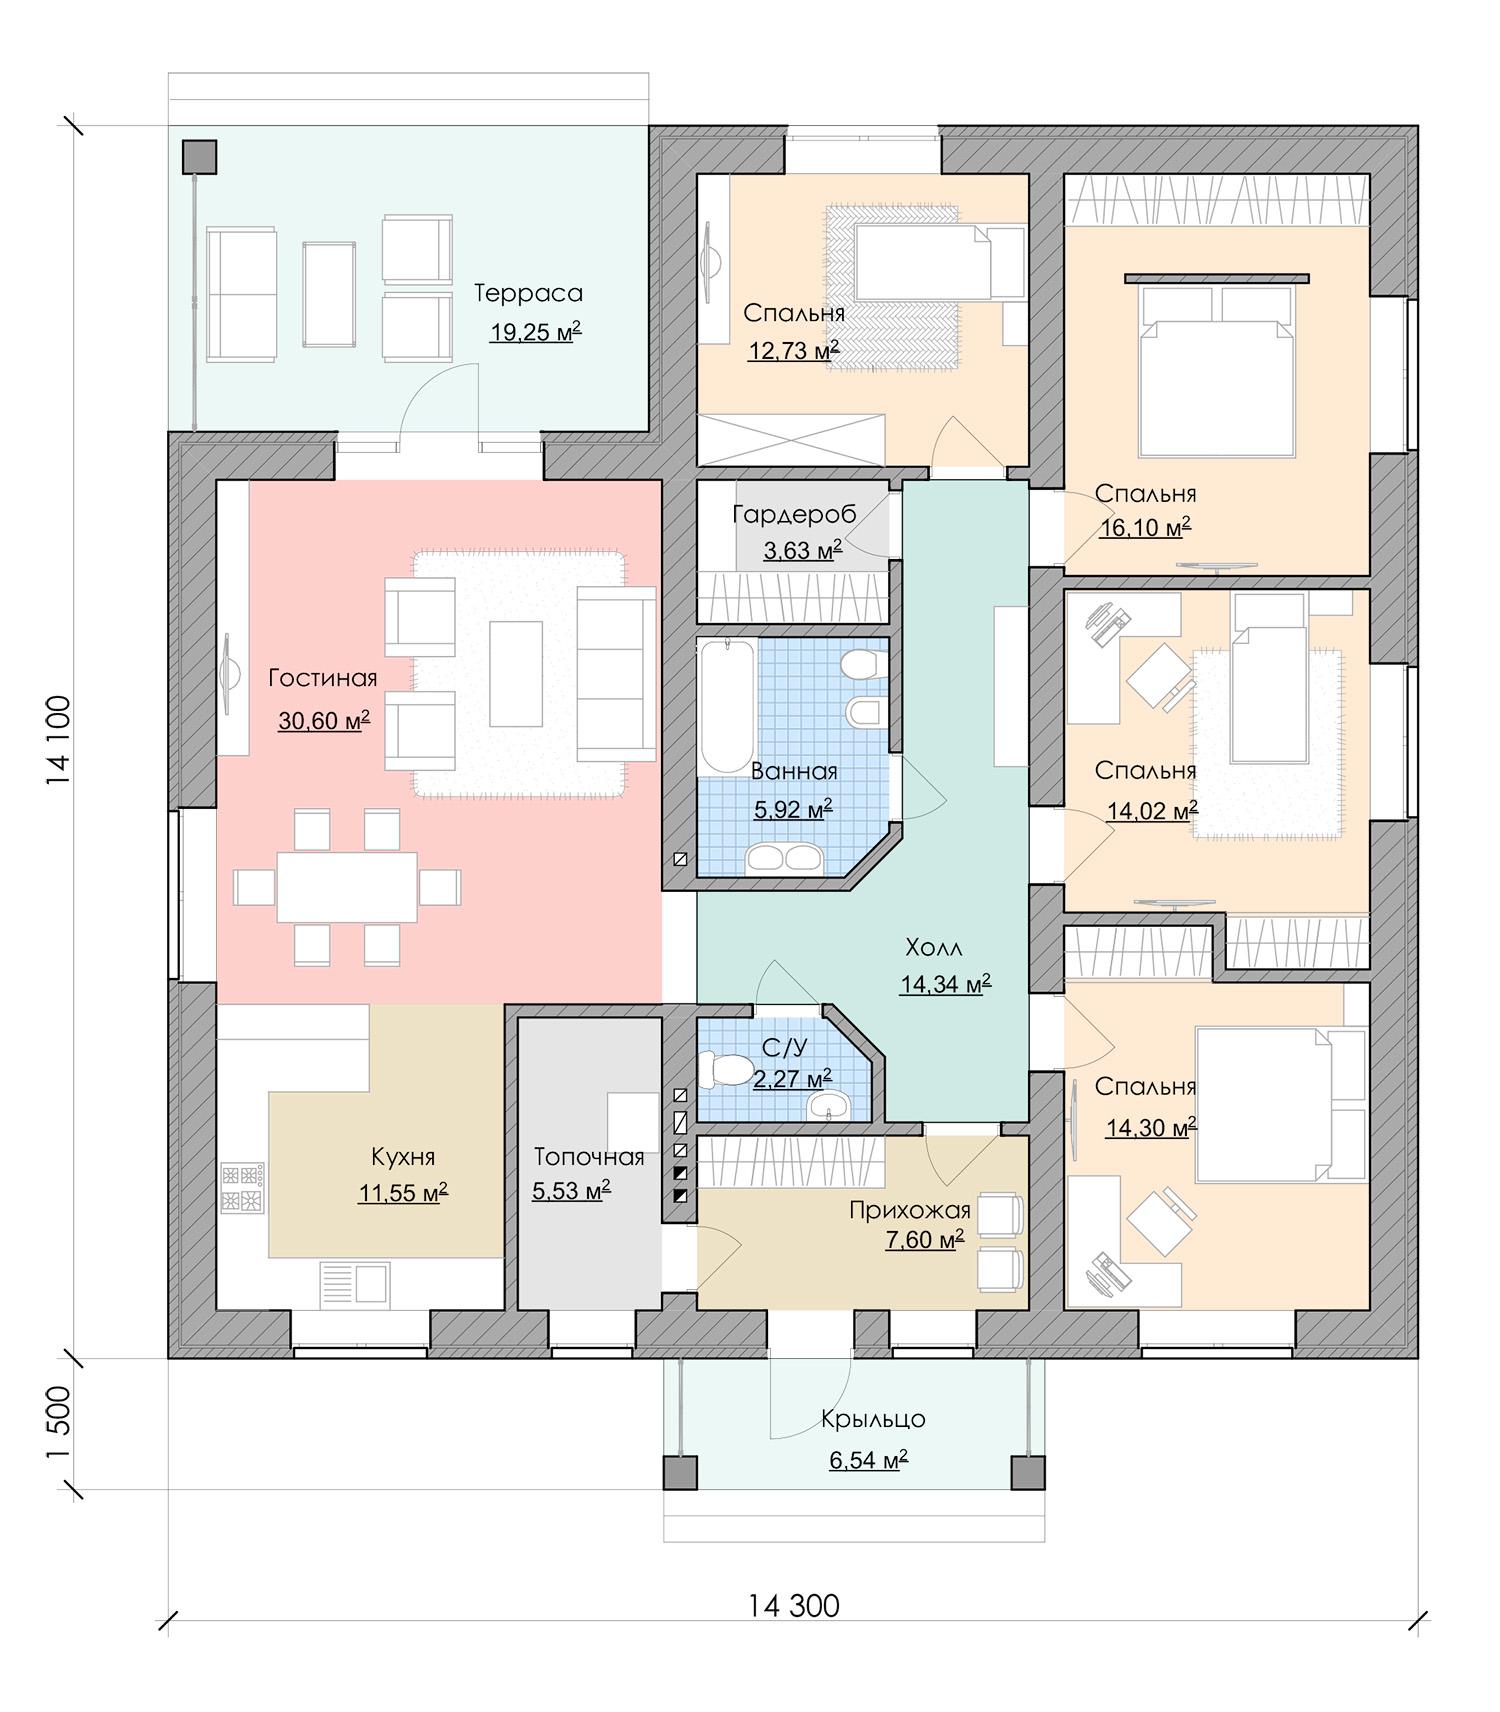 Планировка жилого одноэтажного дома 4 спальни